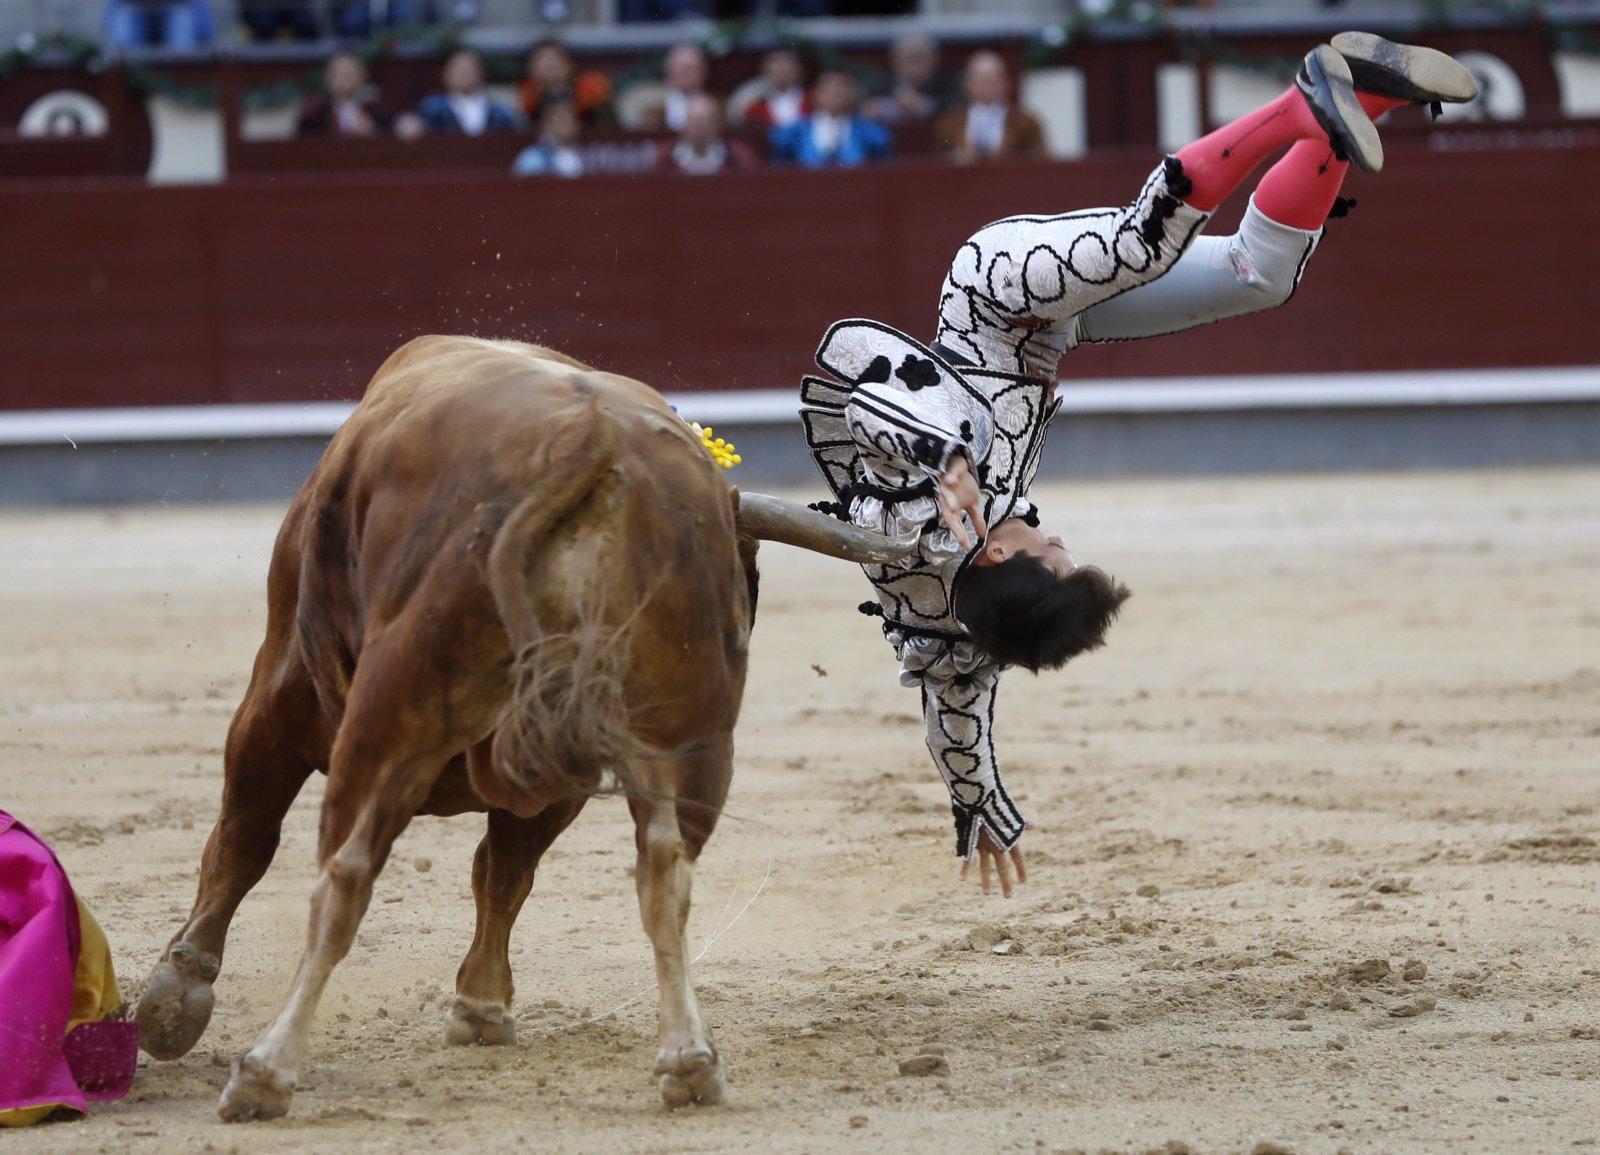 Hiszpański torreador Gonzalo Caballero w starciu z bykiem, Madryt, Hiszpania.